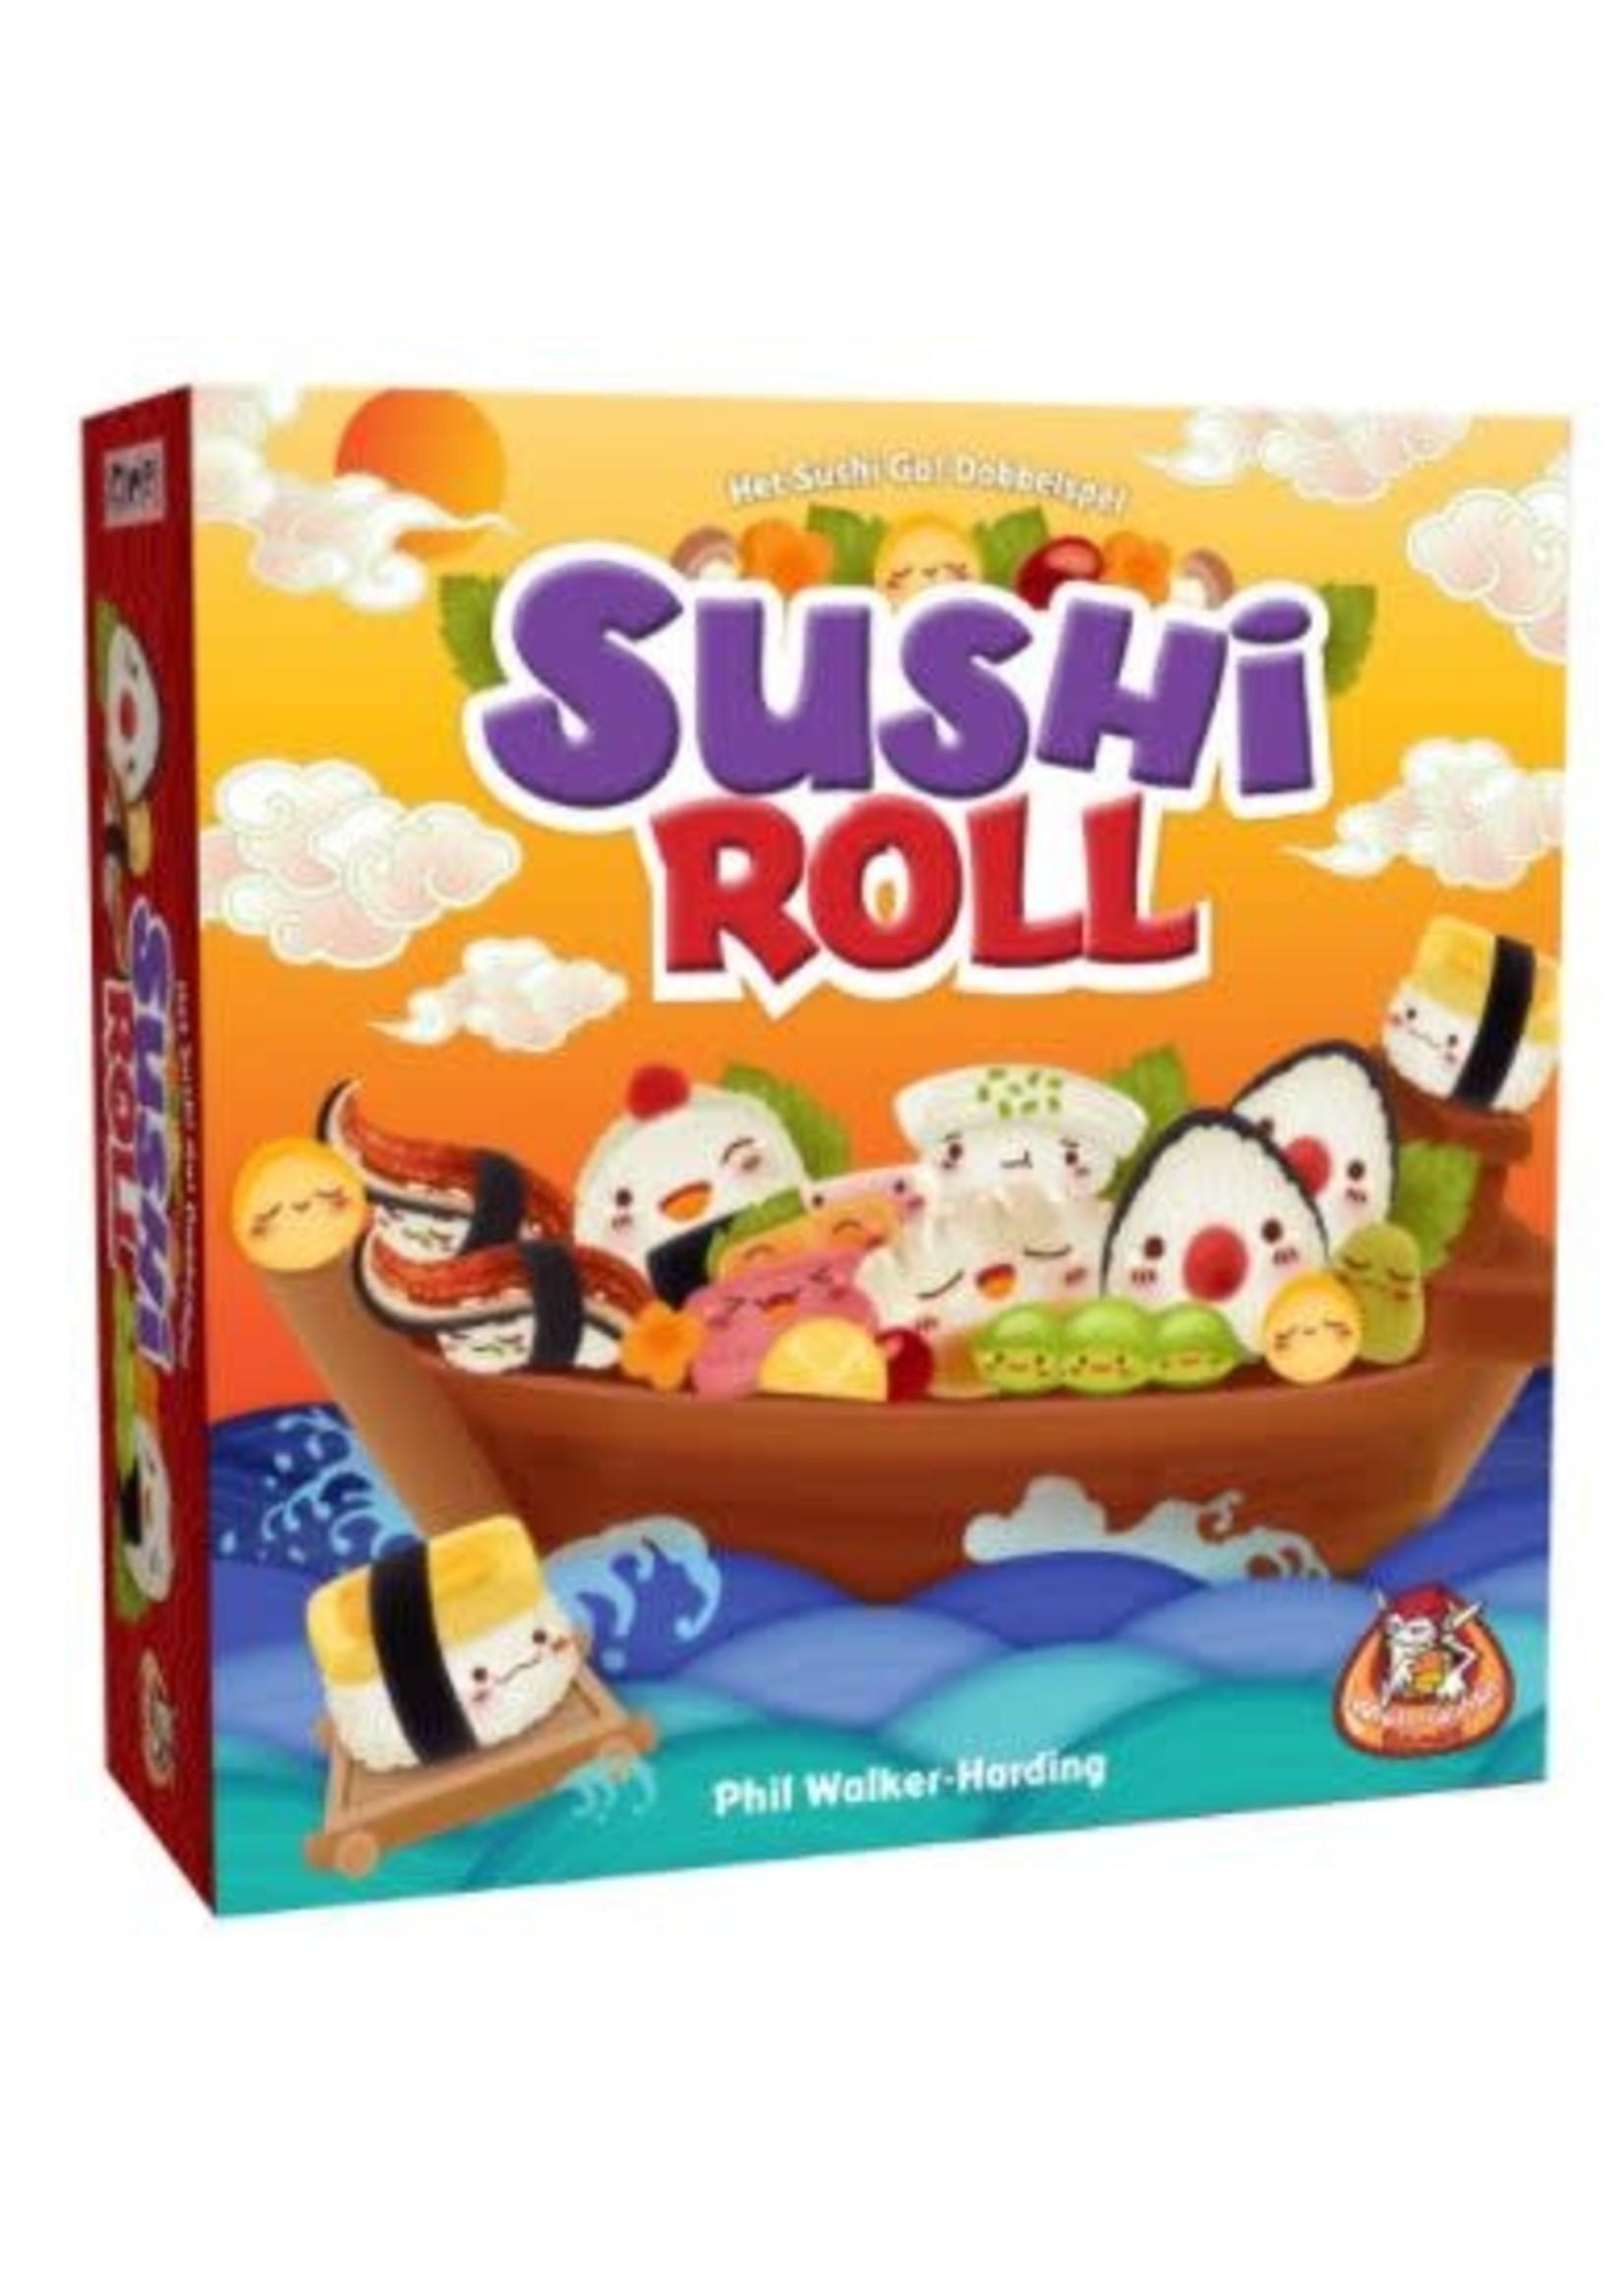 Sushi Roll (Het Sushi Go dobbelspel)